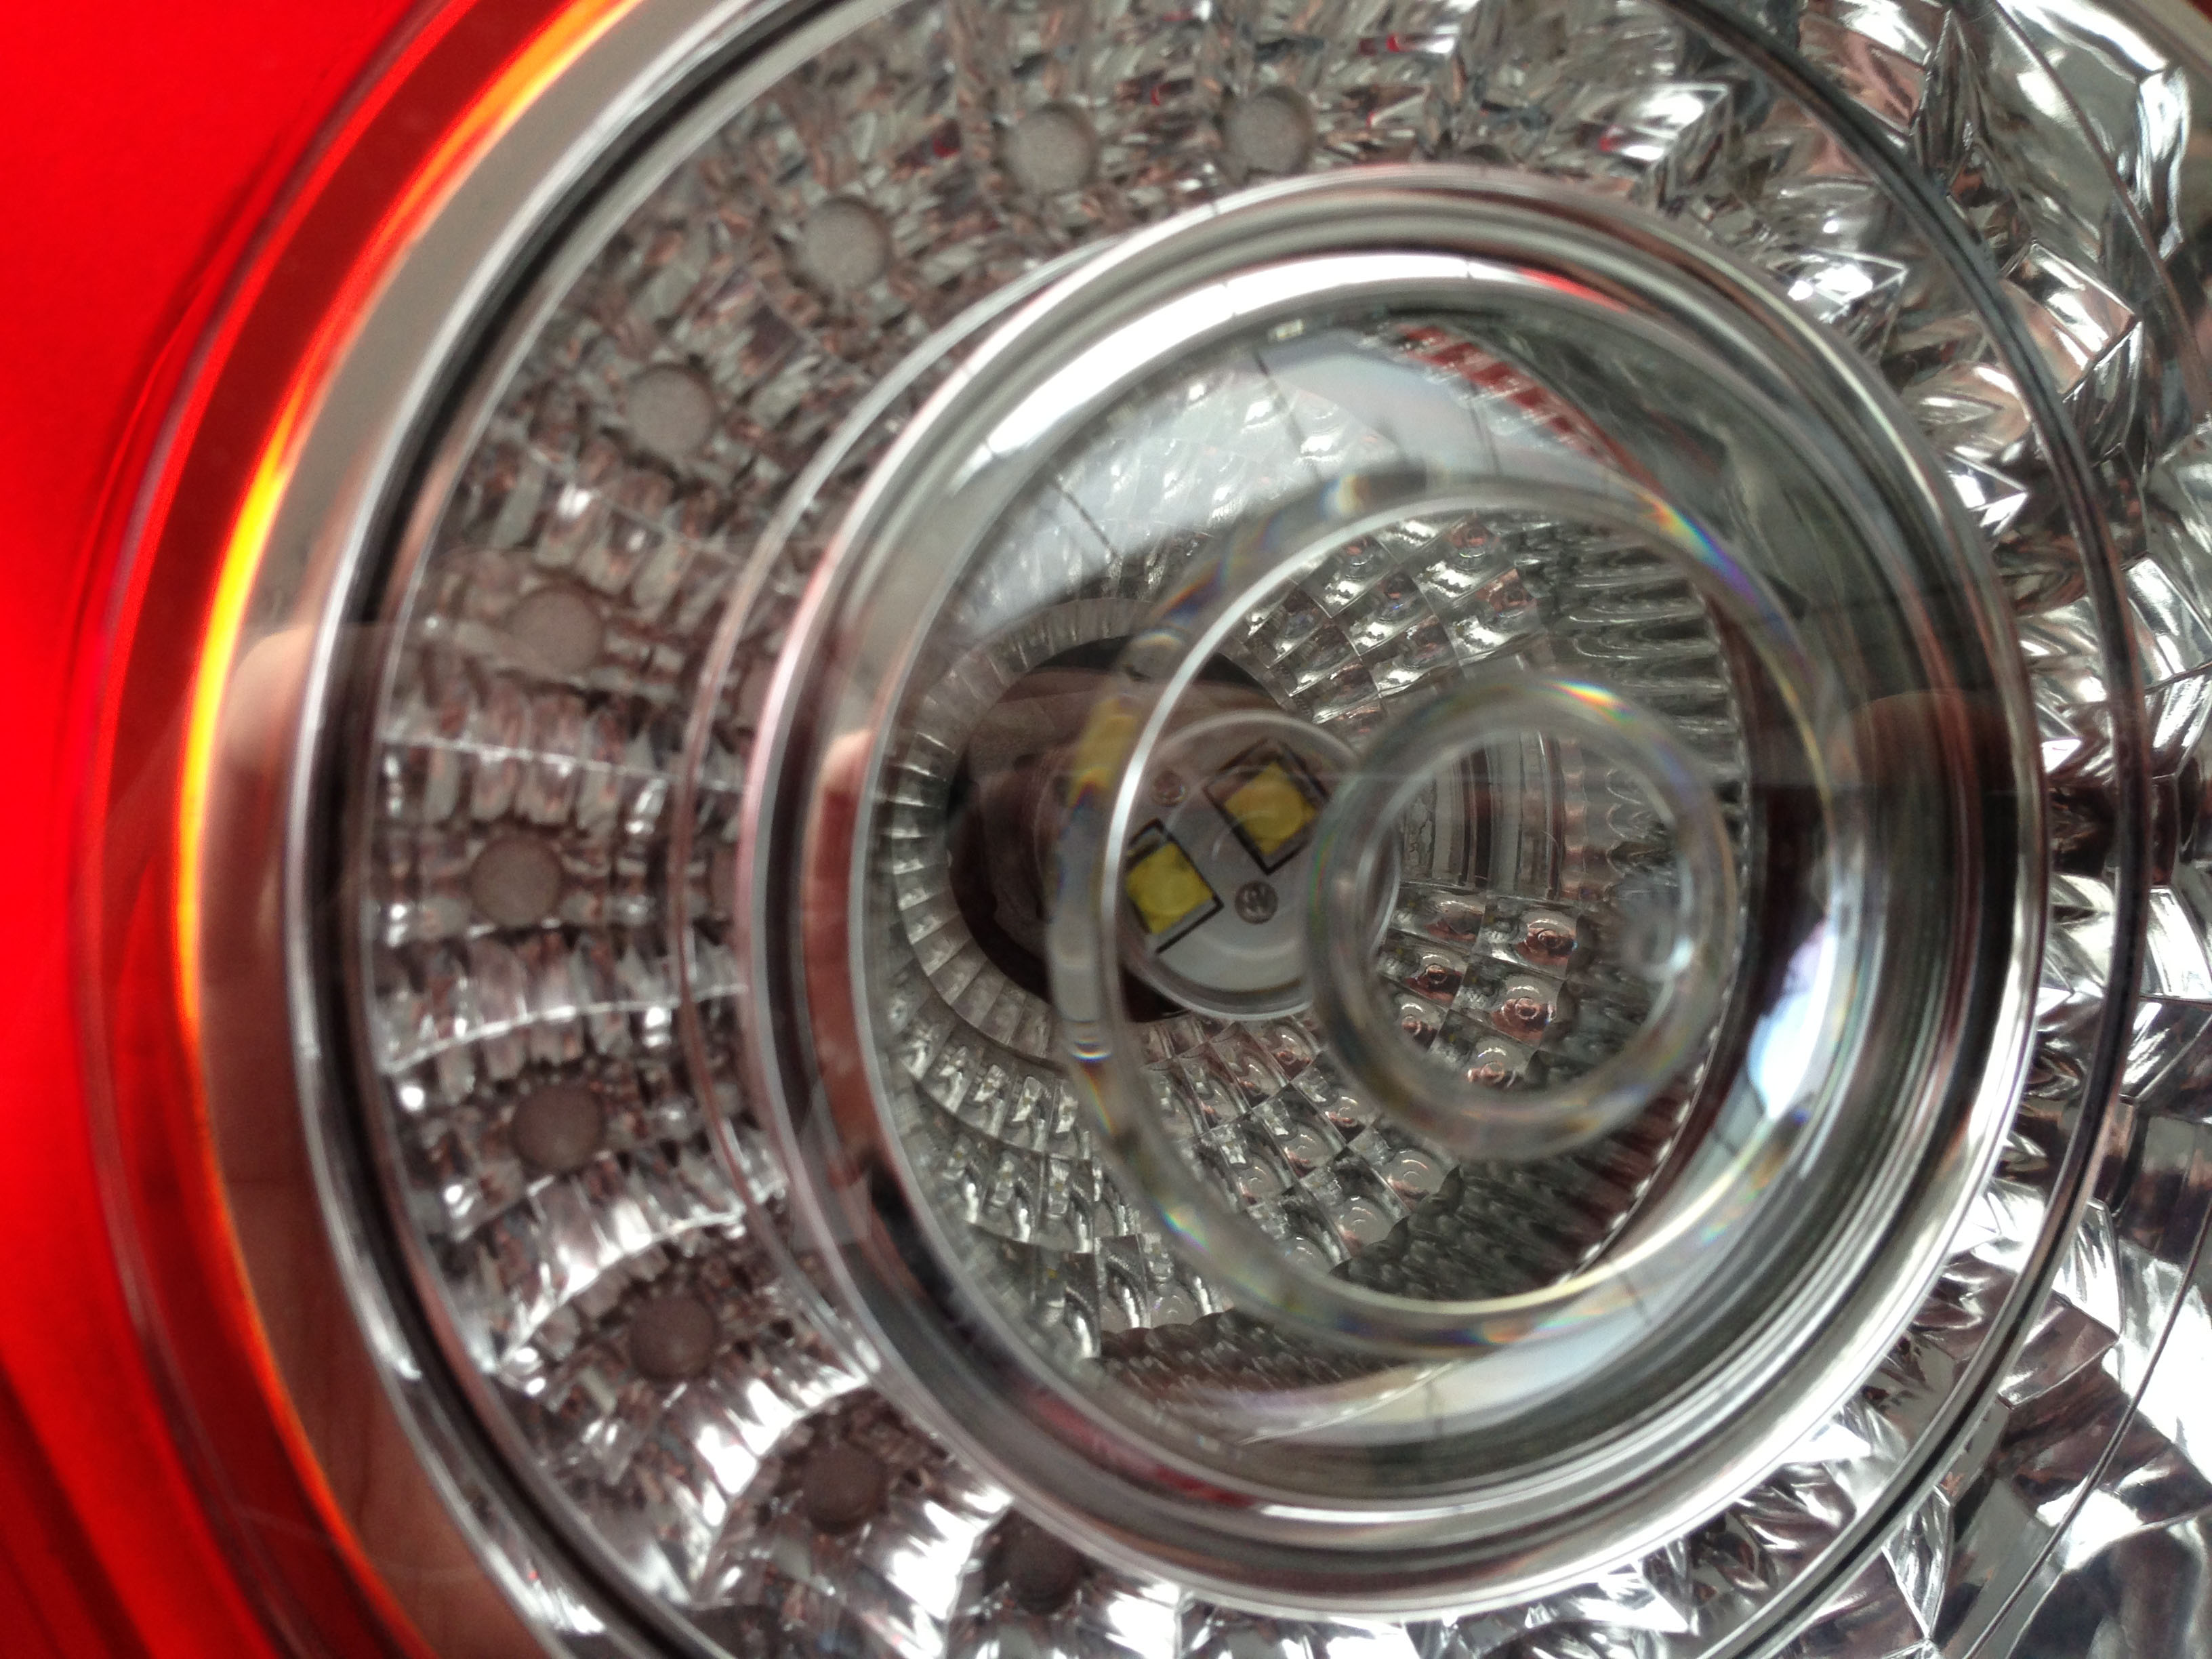 バックランプ消灯時の内部